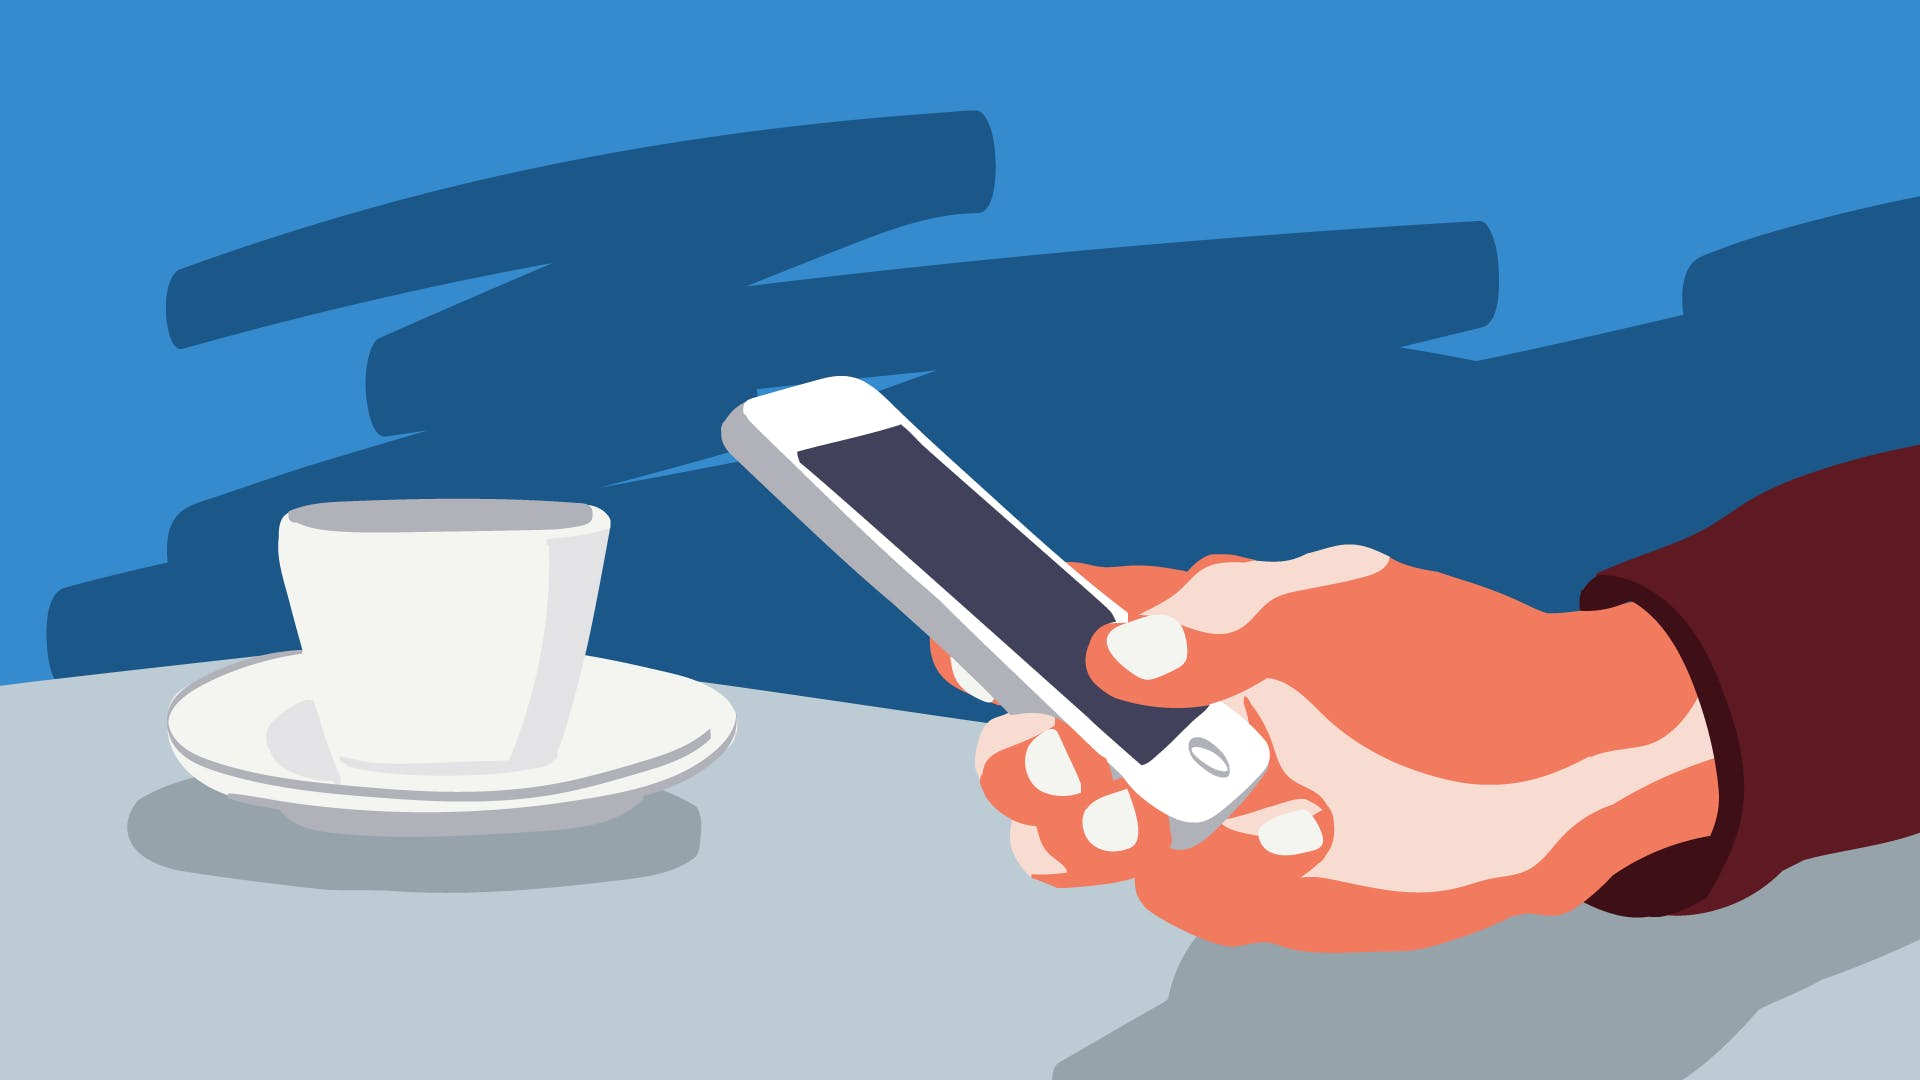 Ausgestreckte Hand eines Geschäftsmannes, die am Smartphone prüft, wie mit Instagram Geld verdient werden kann.